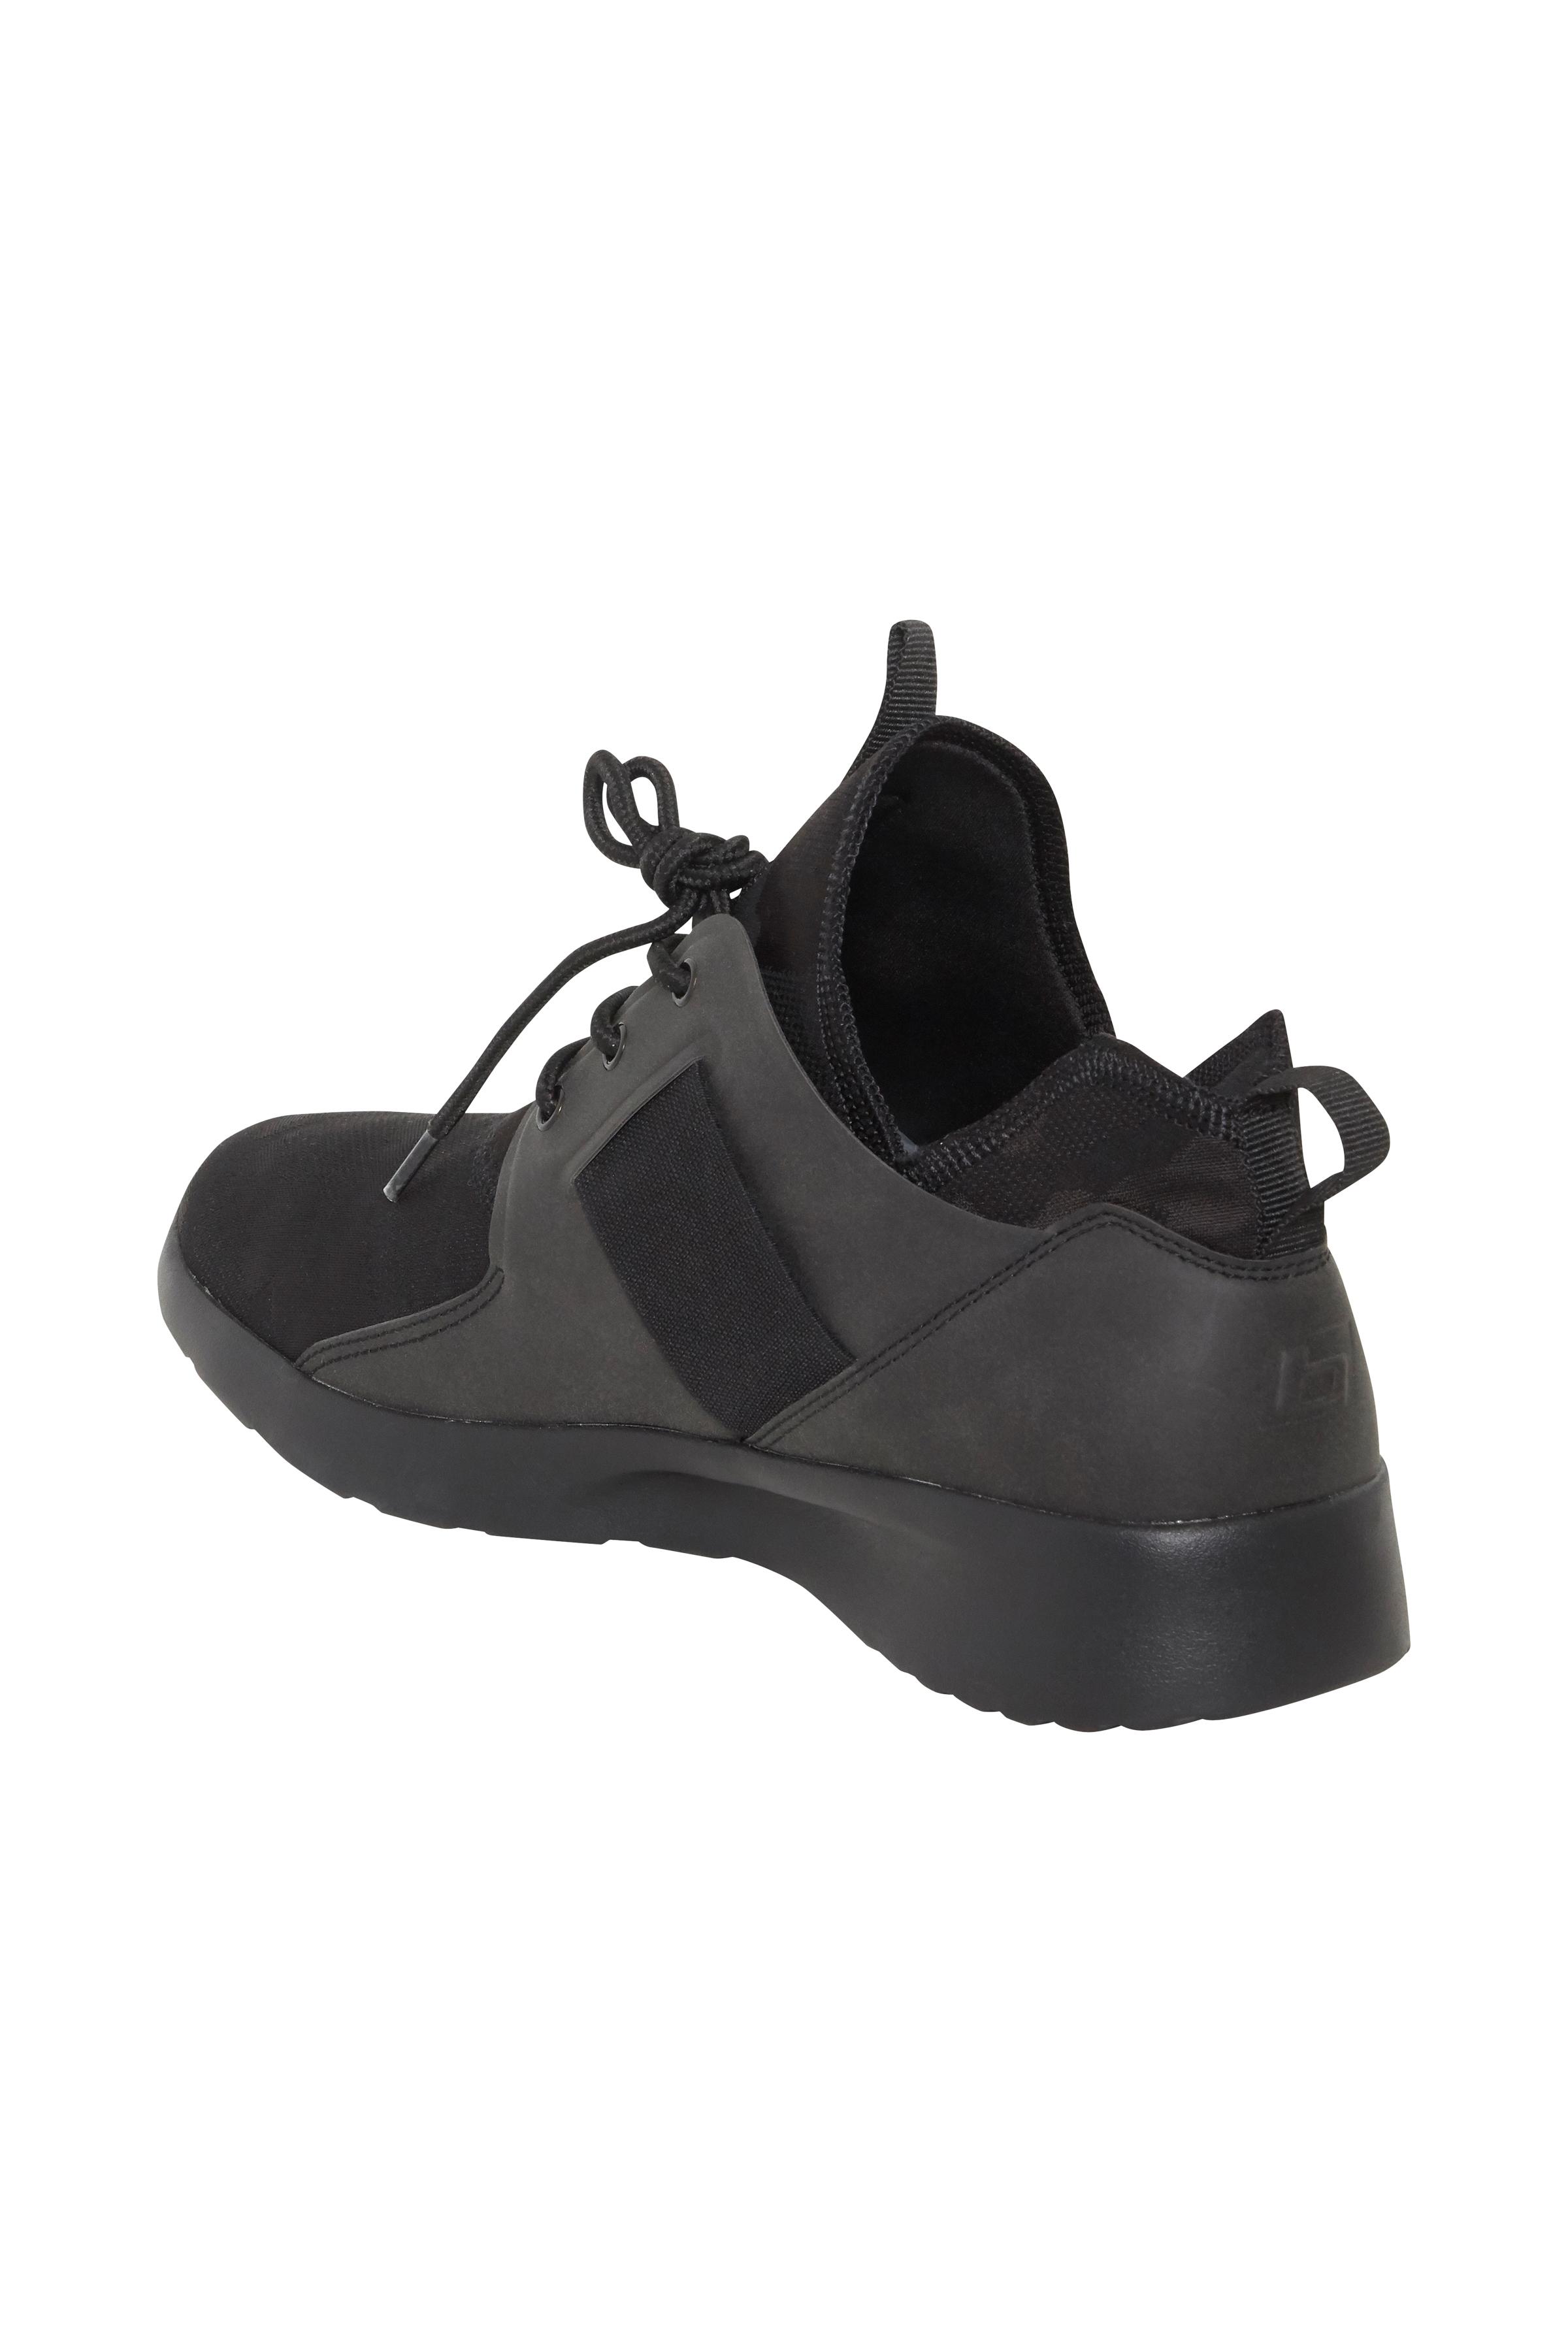 Sort Fodtøj fra Blend He Shoes – Køb Sort Fodtøj fra str. 40-46 her